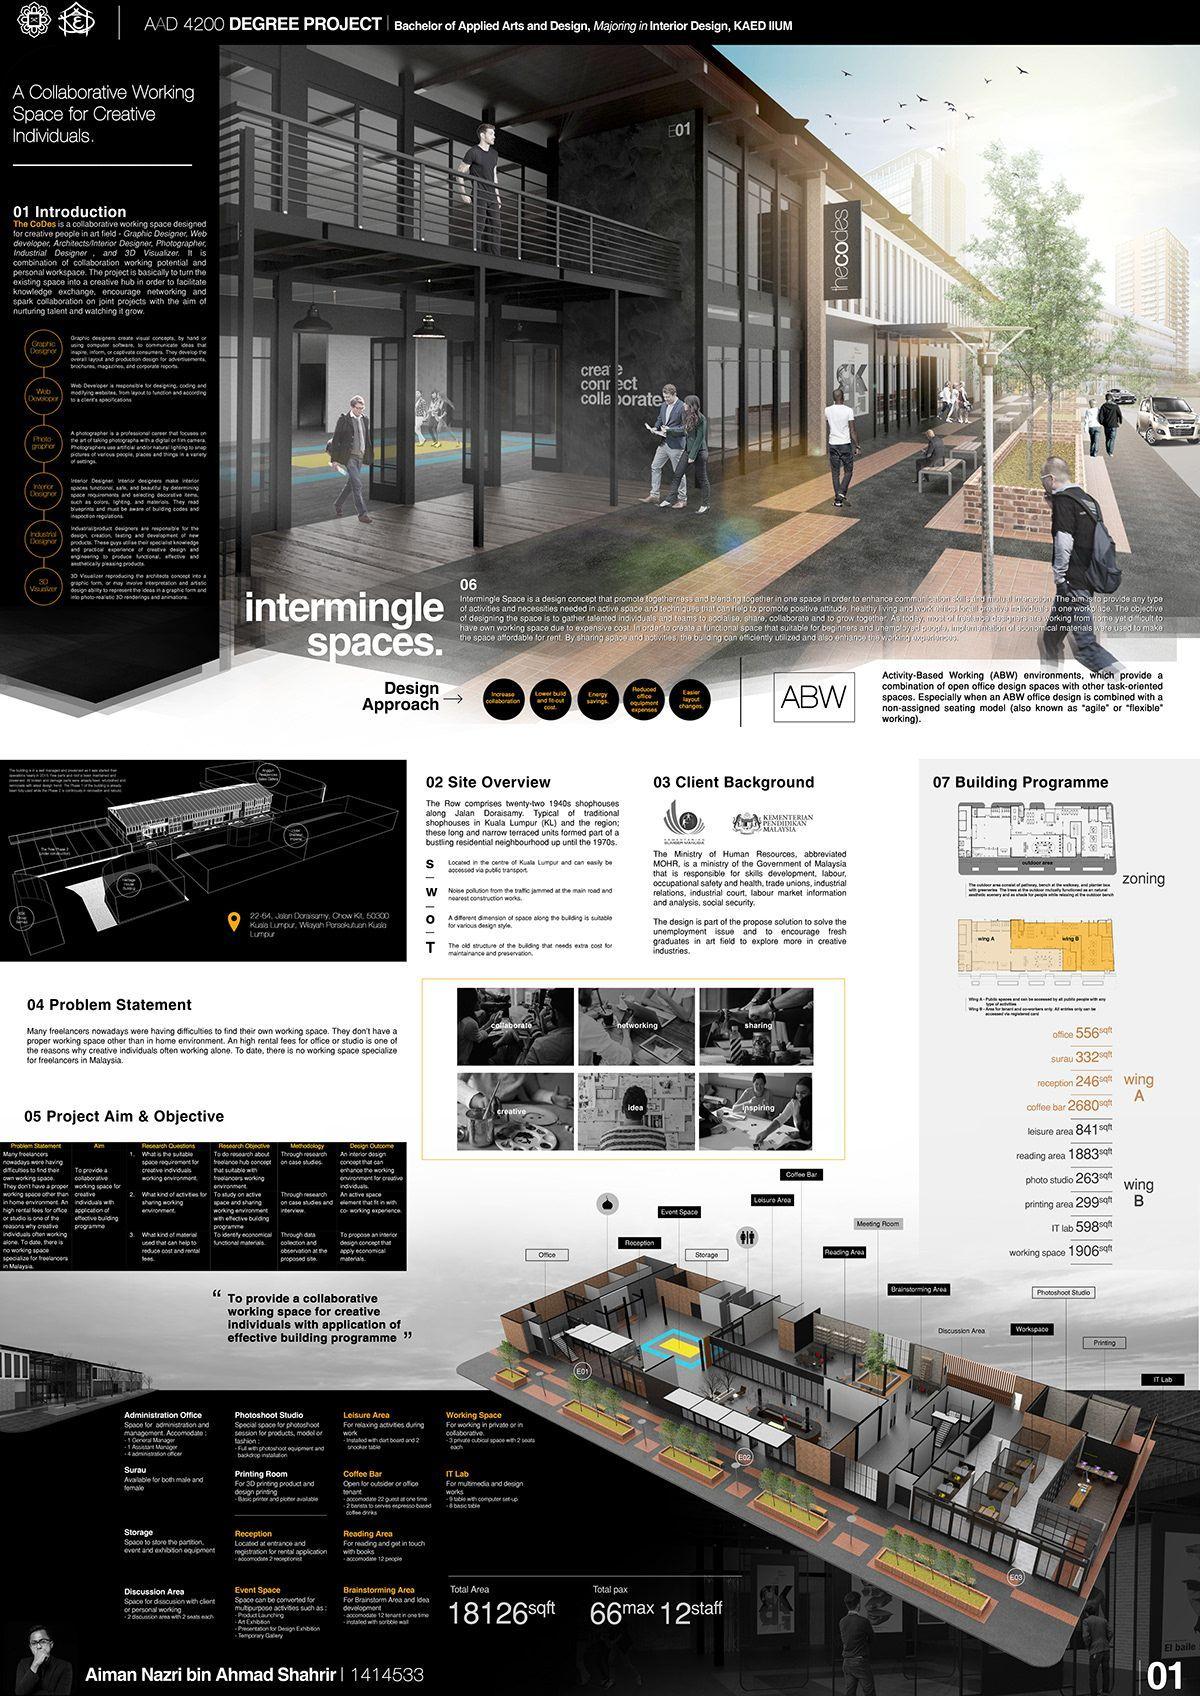 Interior Design Presentation Board Architecturaldraw In 2020 Interior Design Presentation Boards Interior Design Presentation Interior Architecture Presentation